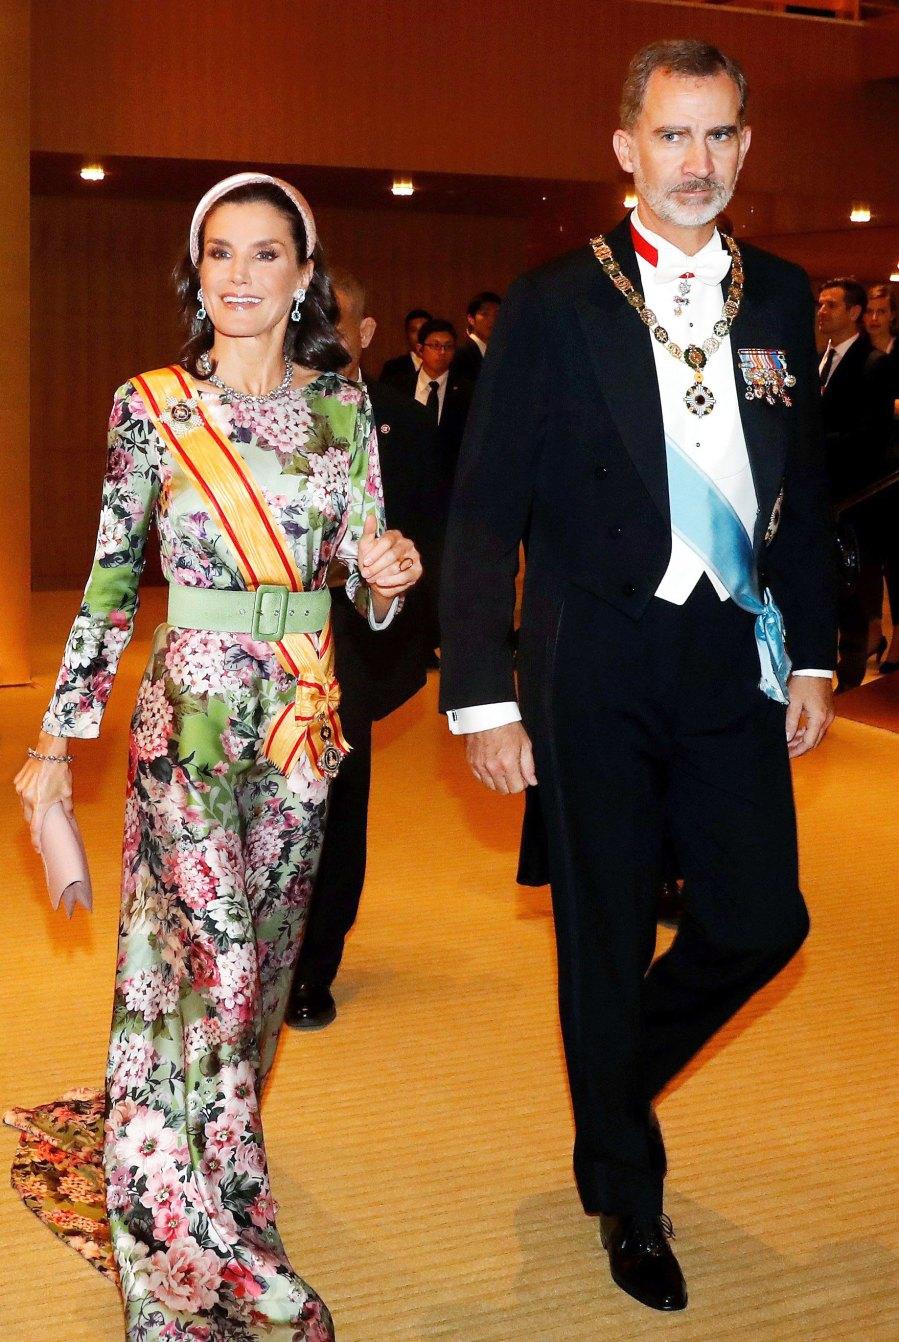 Queen Letizia Floral Gown October 22, 2019